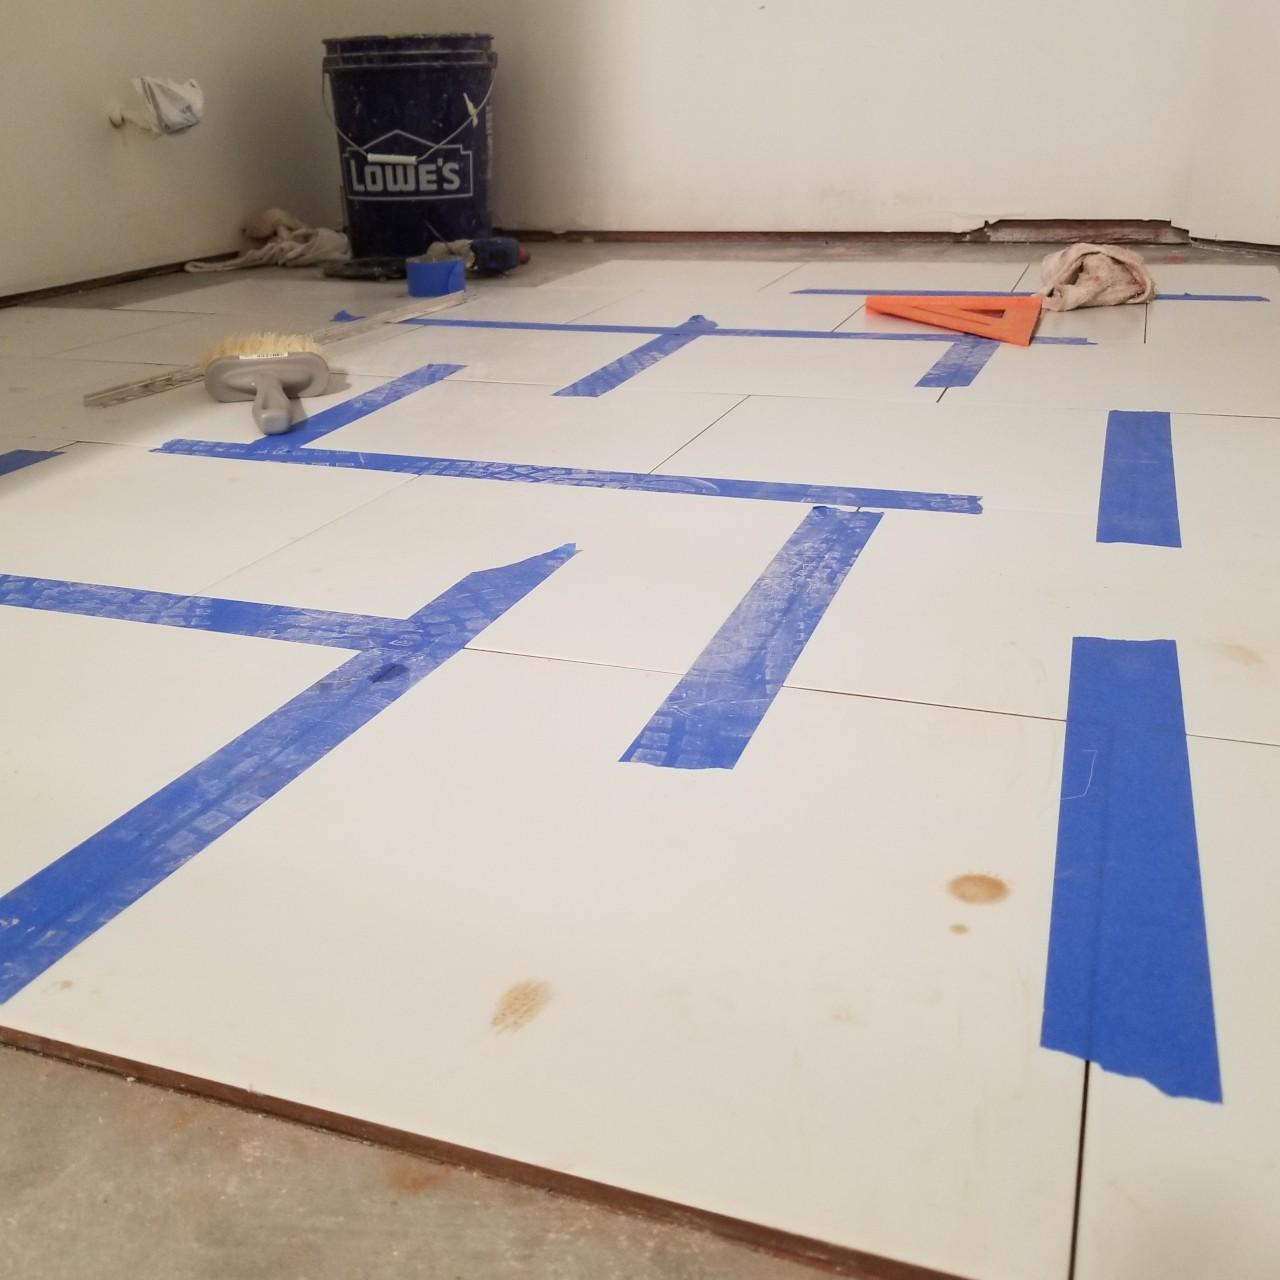 tiling-custom-bathtub-shower-tiles--tiling-08